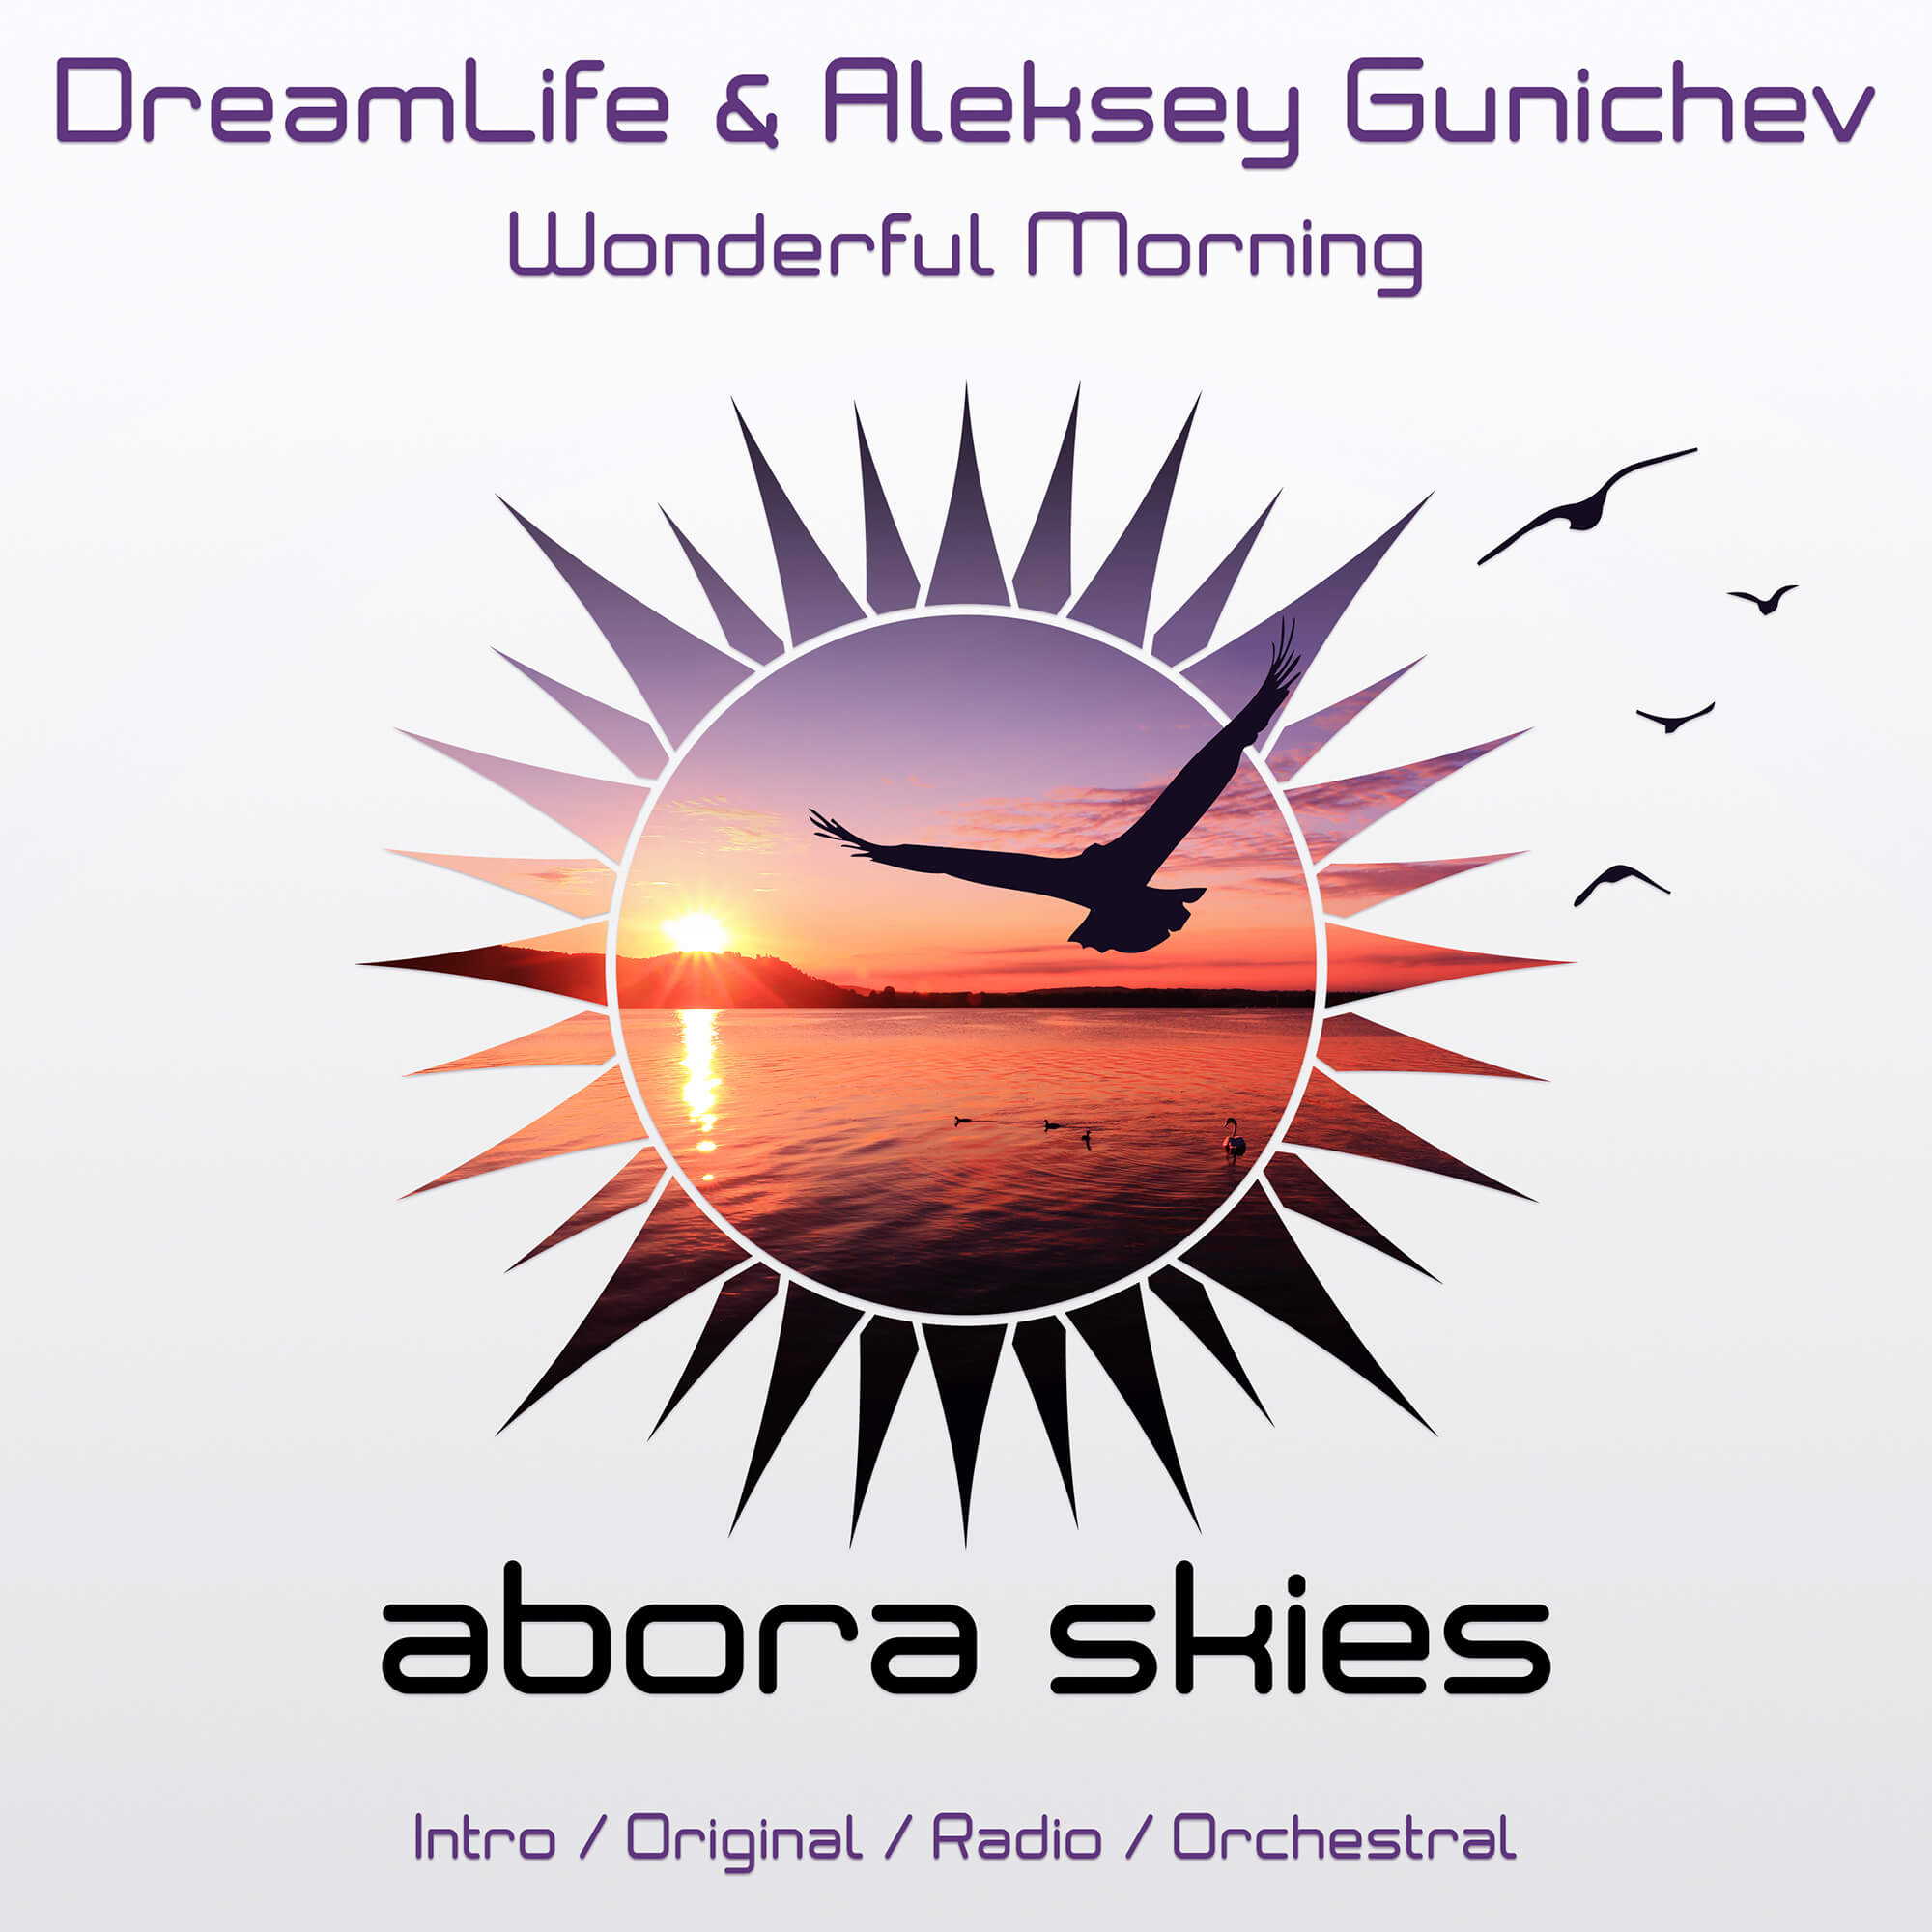 DreamLife & Aleksey Gunichev - Wonderful Morning